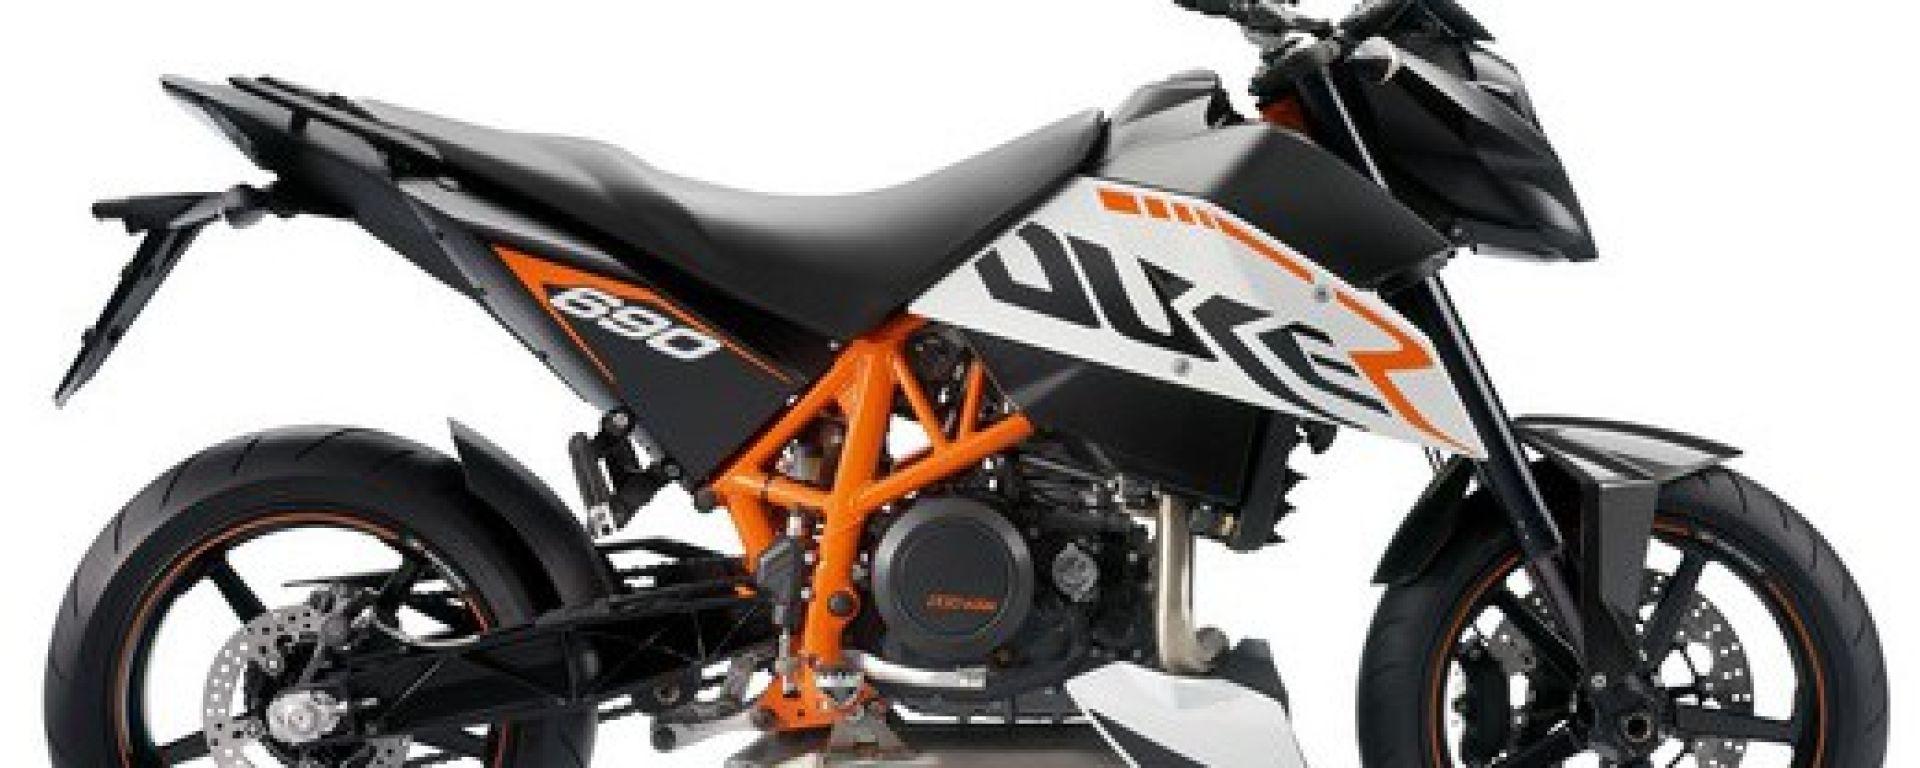 KTM Duke 690 R